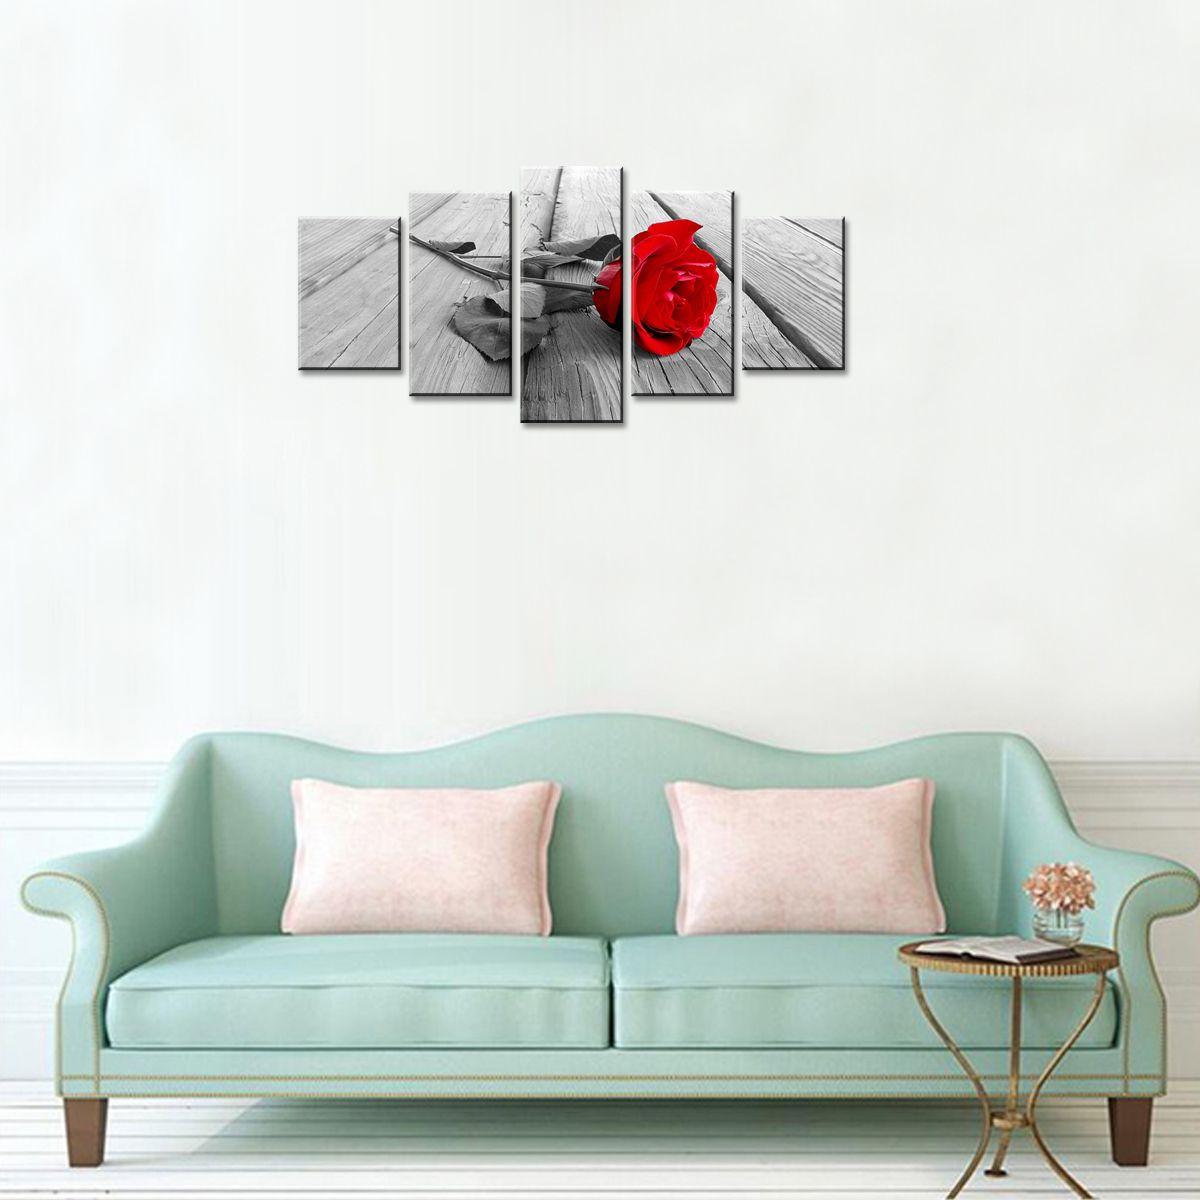 Rouge Rose Fleur Peinture Toile Mur Art Moderne Photo Décor À La Maison Floral HD Giclee Oeuvre 5 Panneaux Étiré Sur Encadré